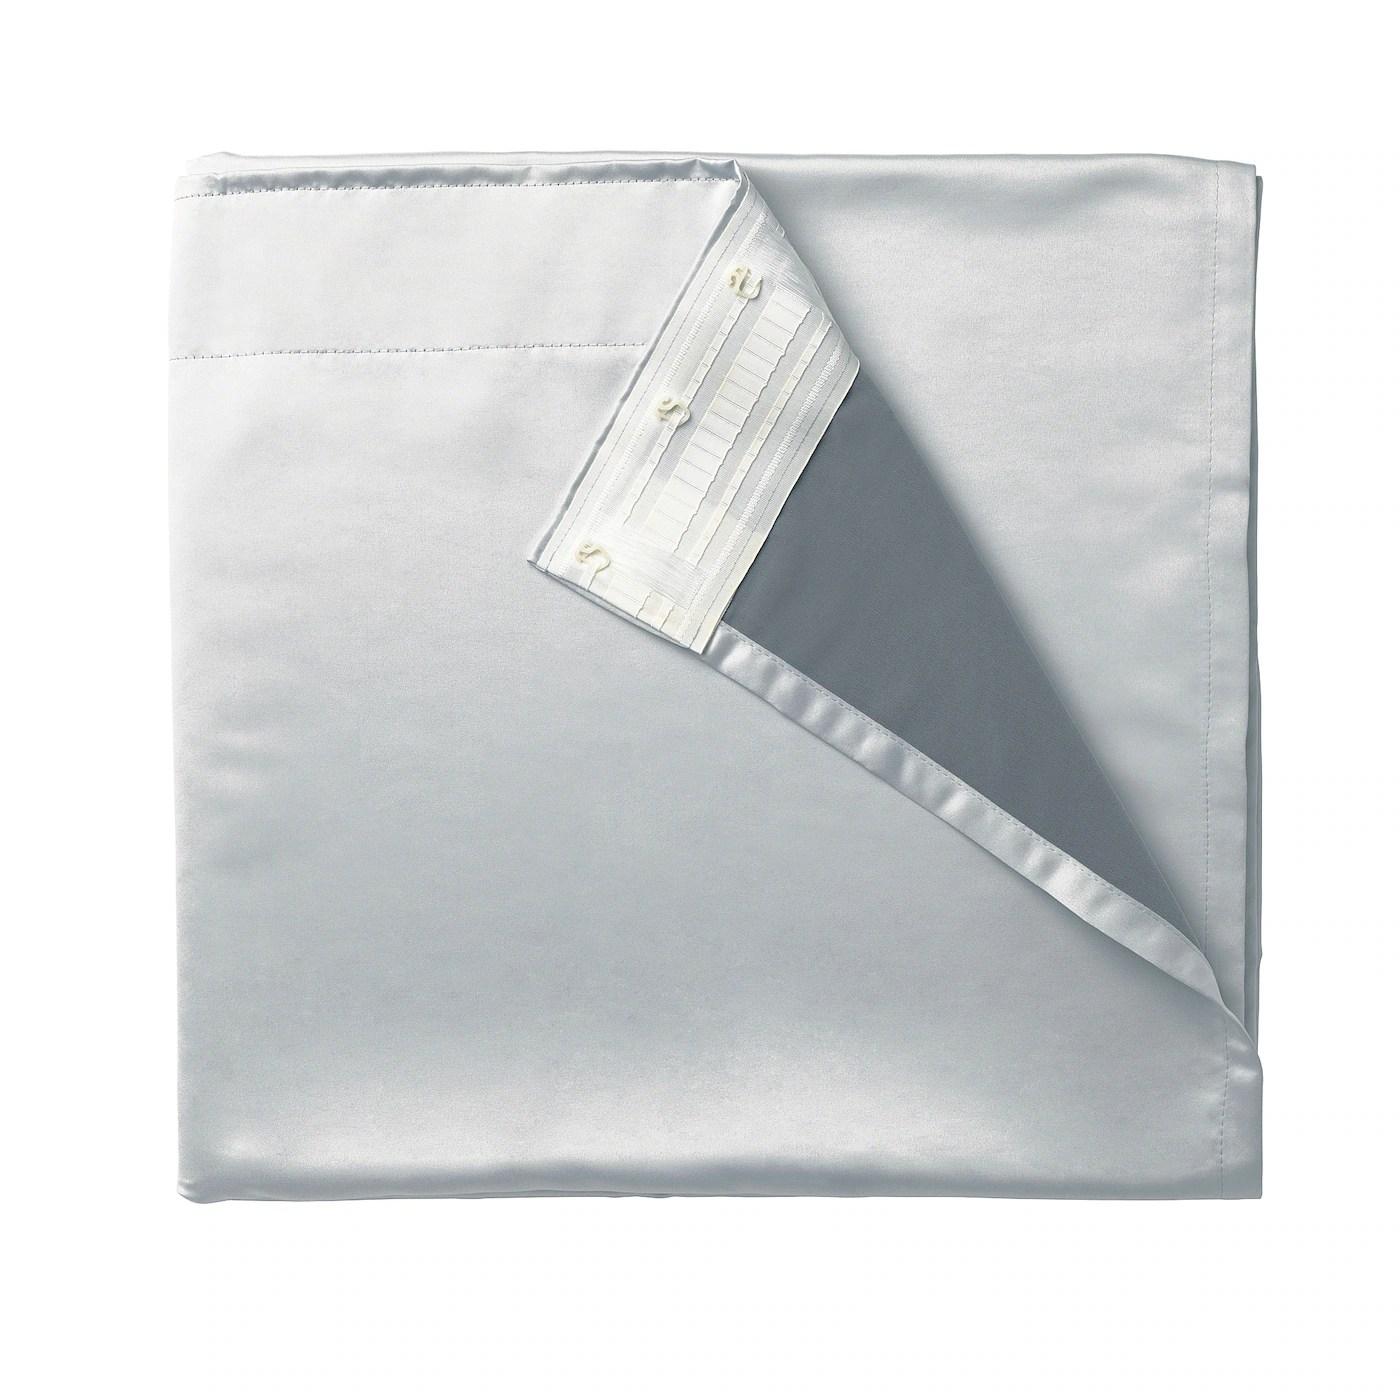 glansnava rideau 2 pieces gris clair 143x290 cm